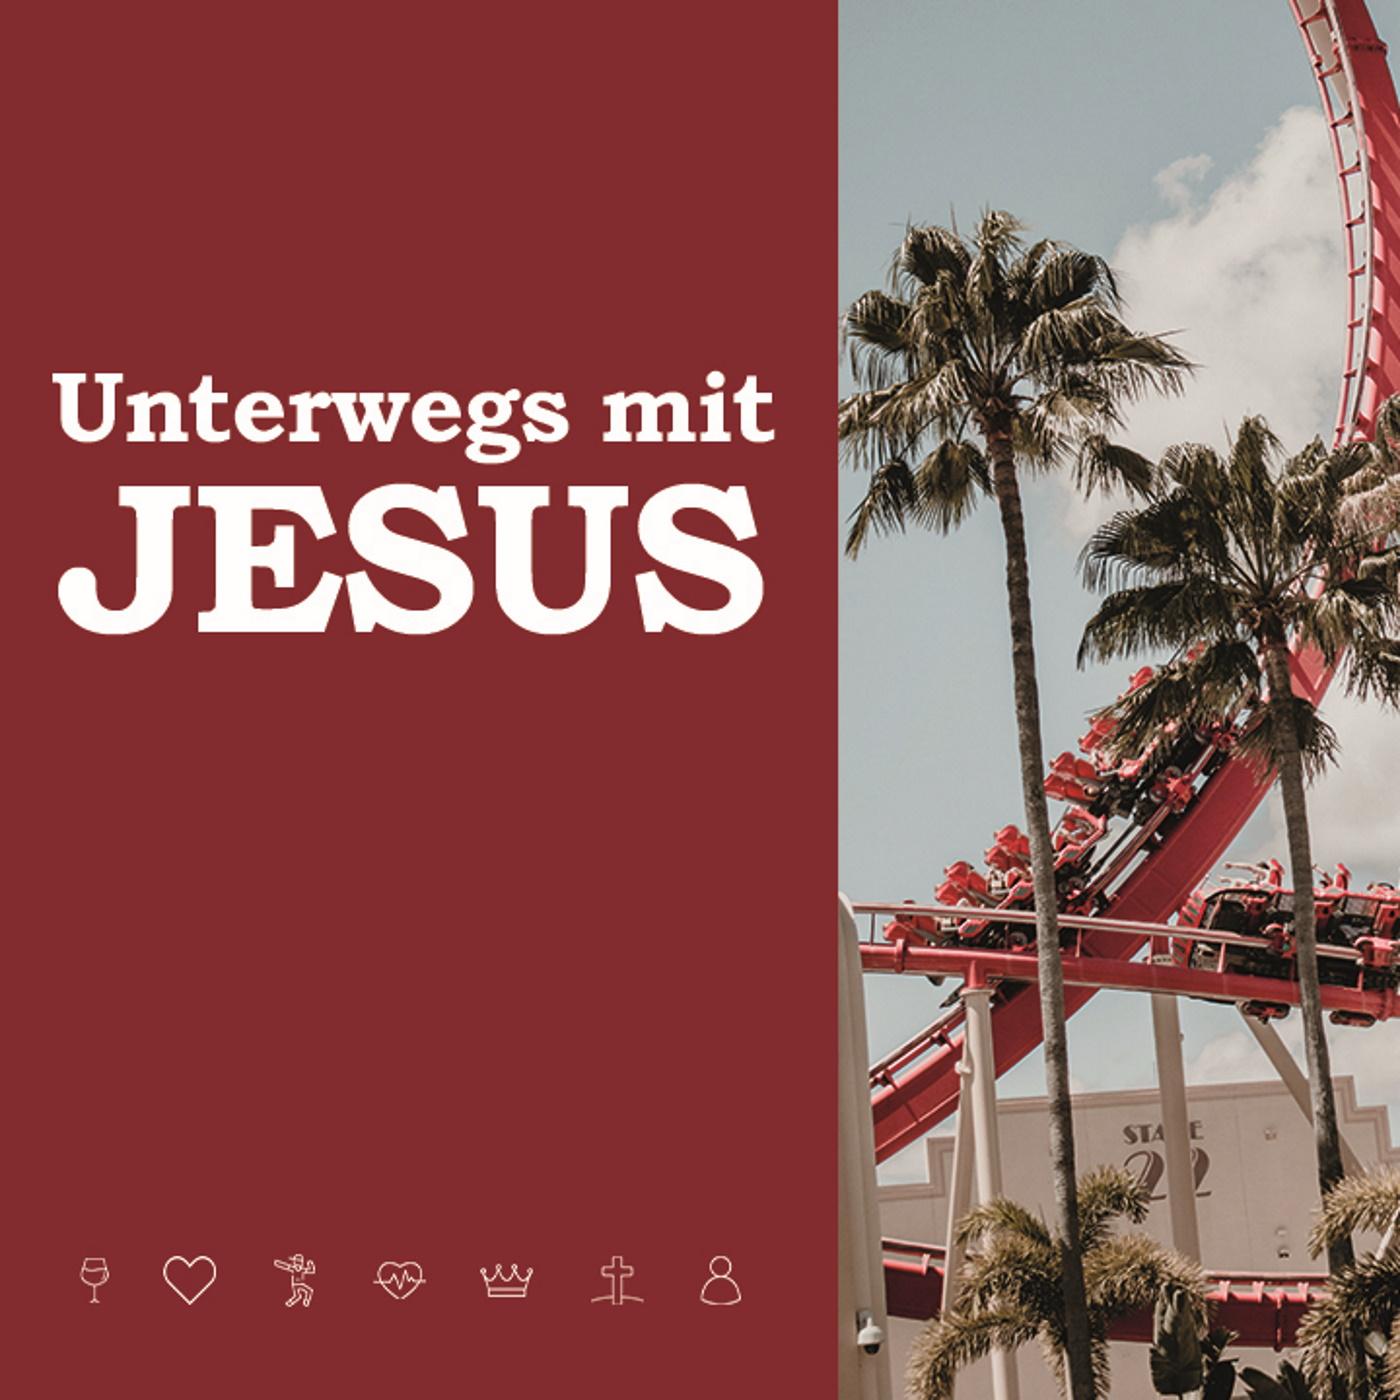 Unterwegs mit Jesus - Mit dem Herzen sehen